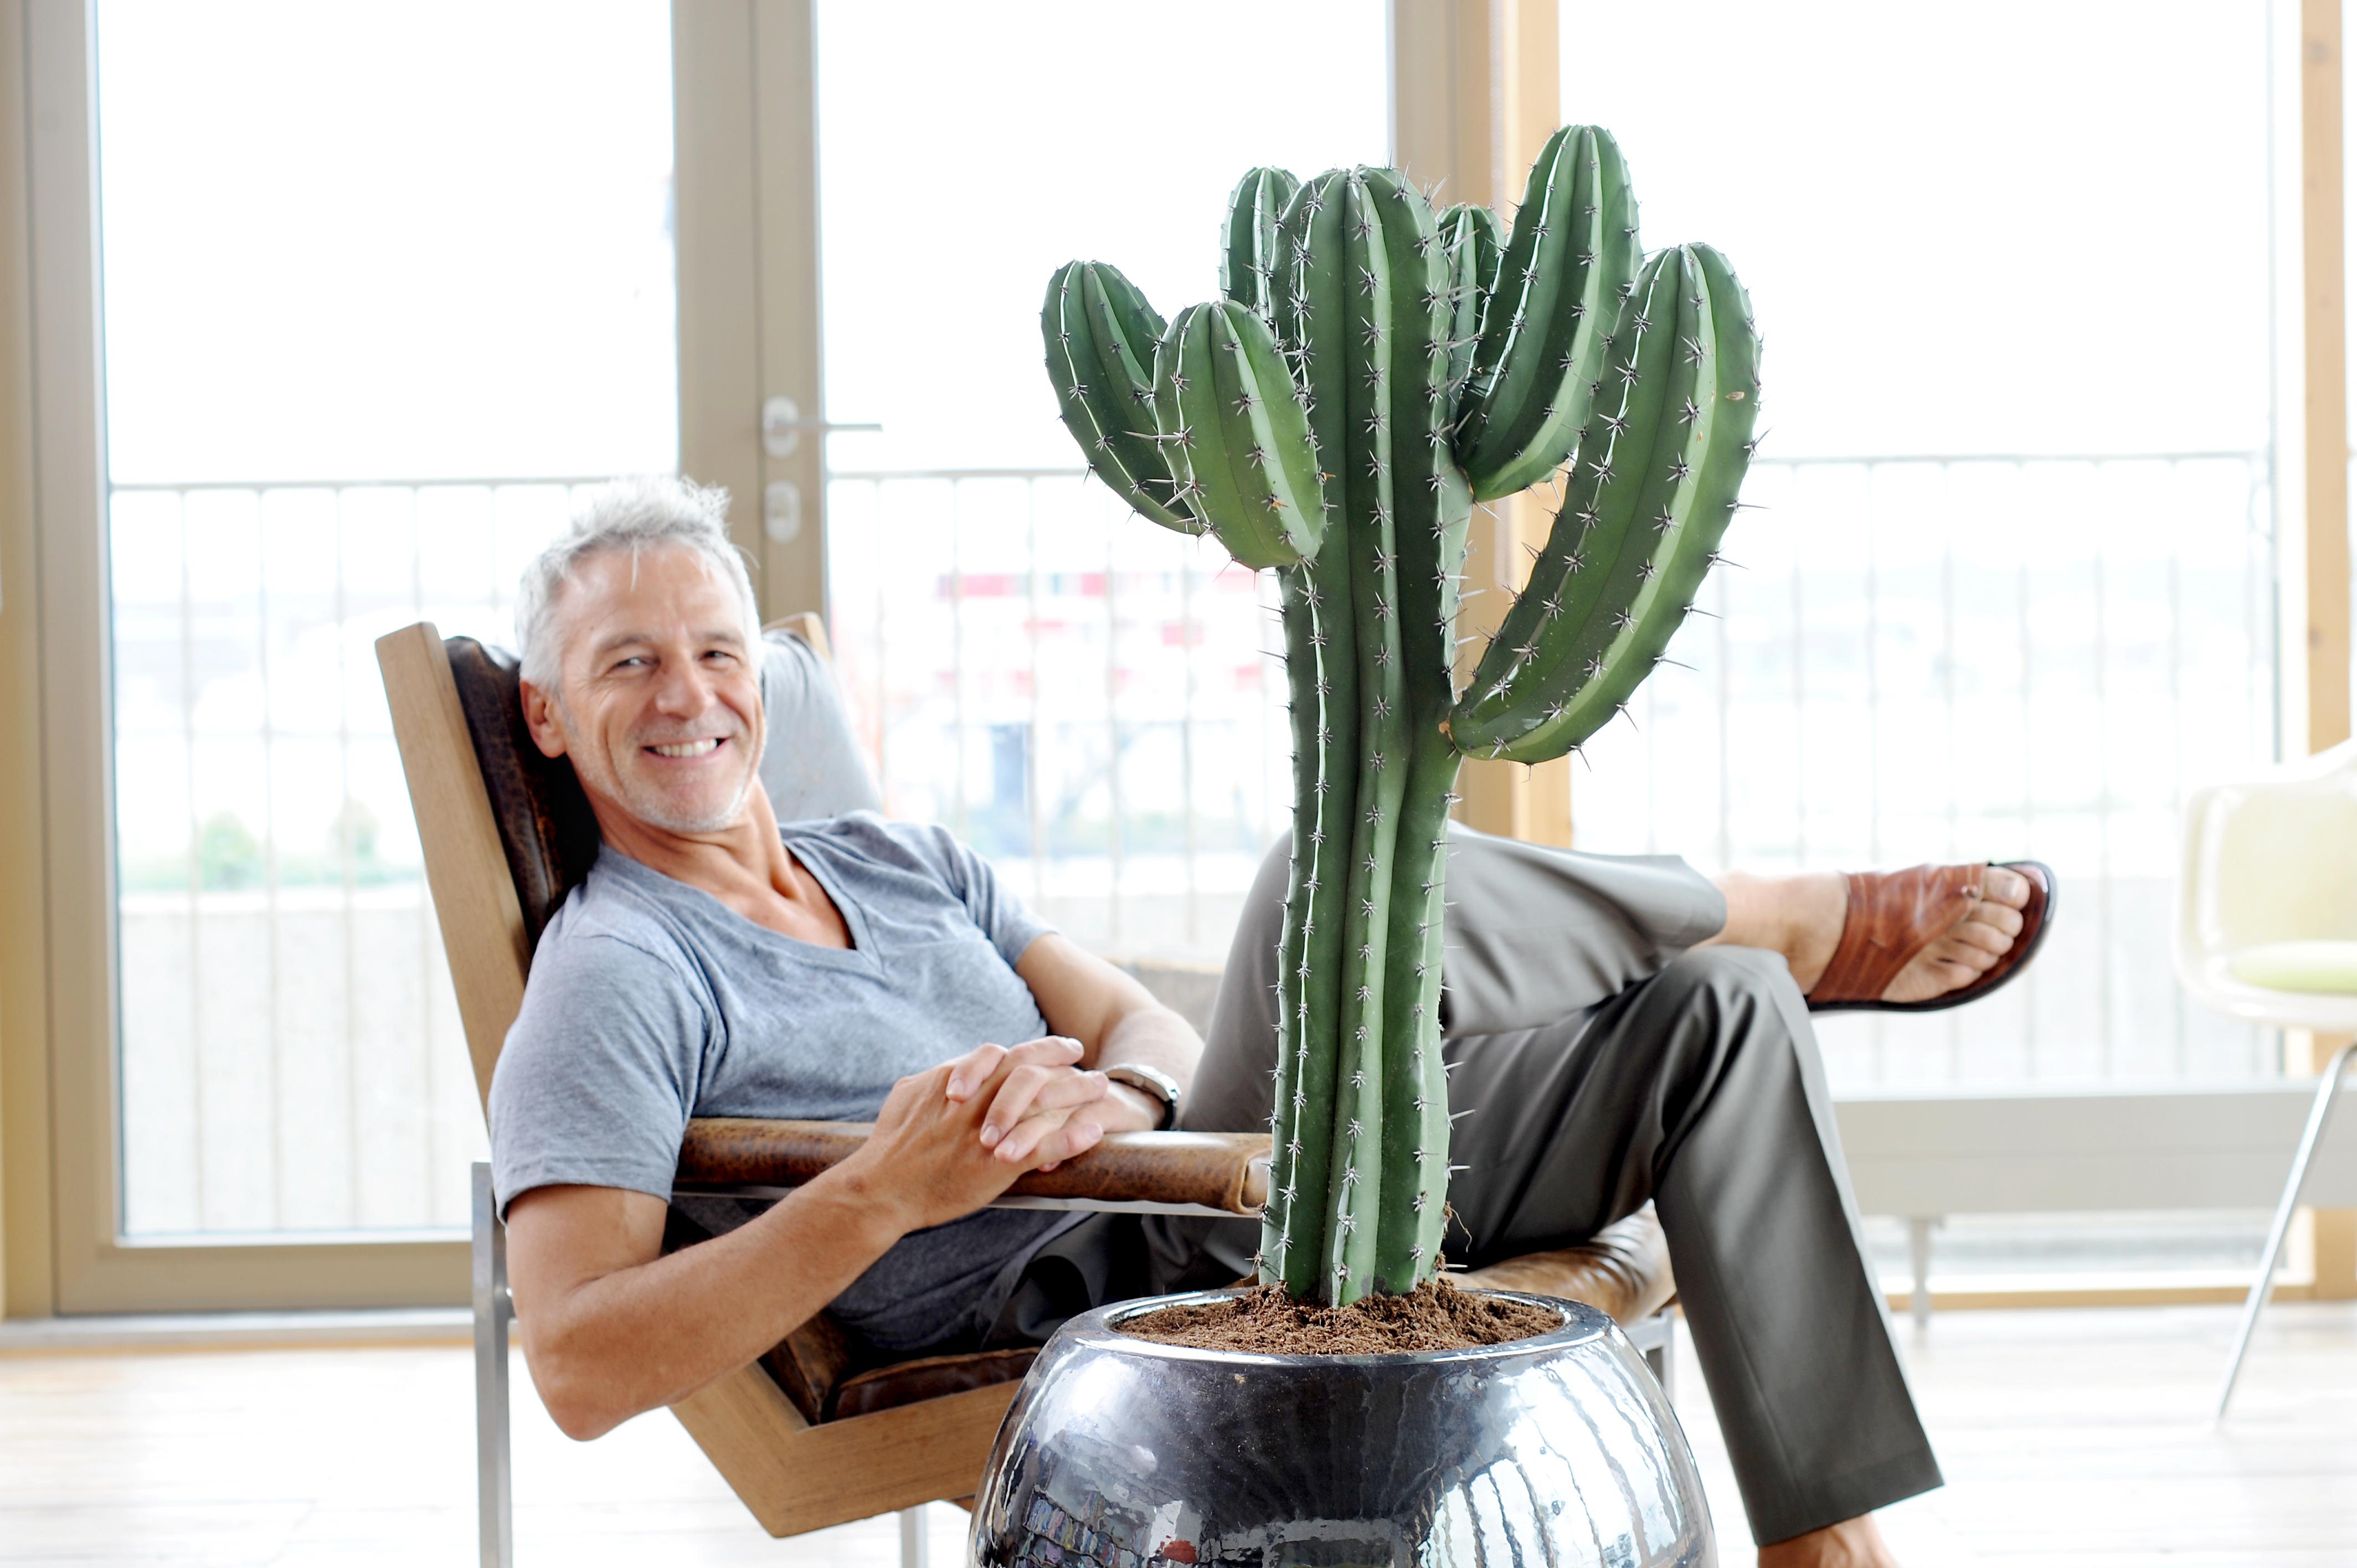 Kaktus ist zimmerpflanze des monats juni harte schale weicher kern der kaktus ist eine - Kaktus zimmerpflanze ...